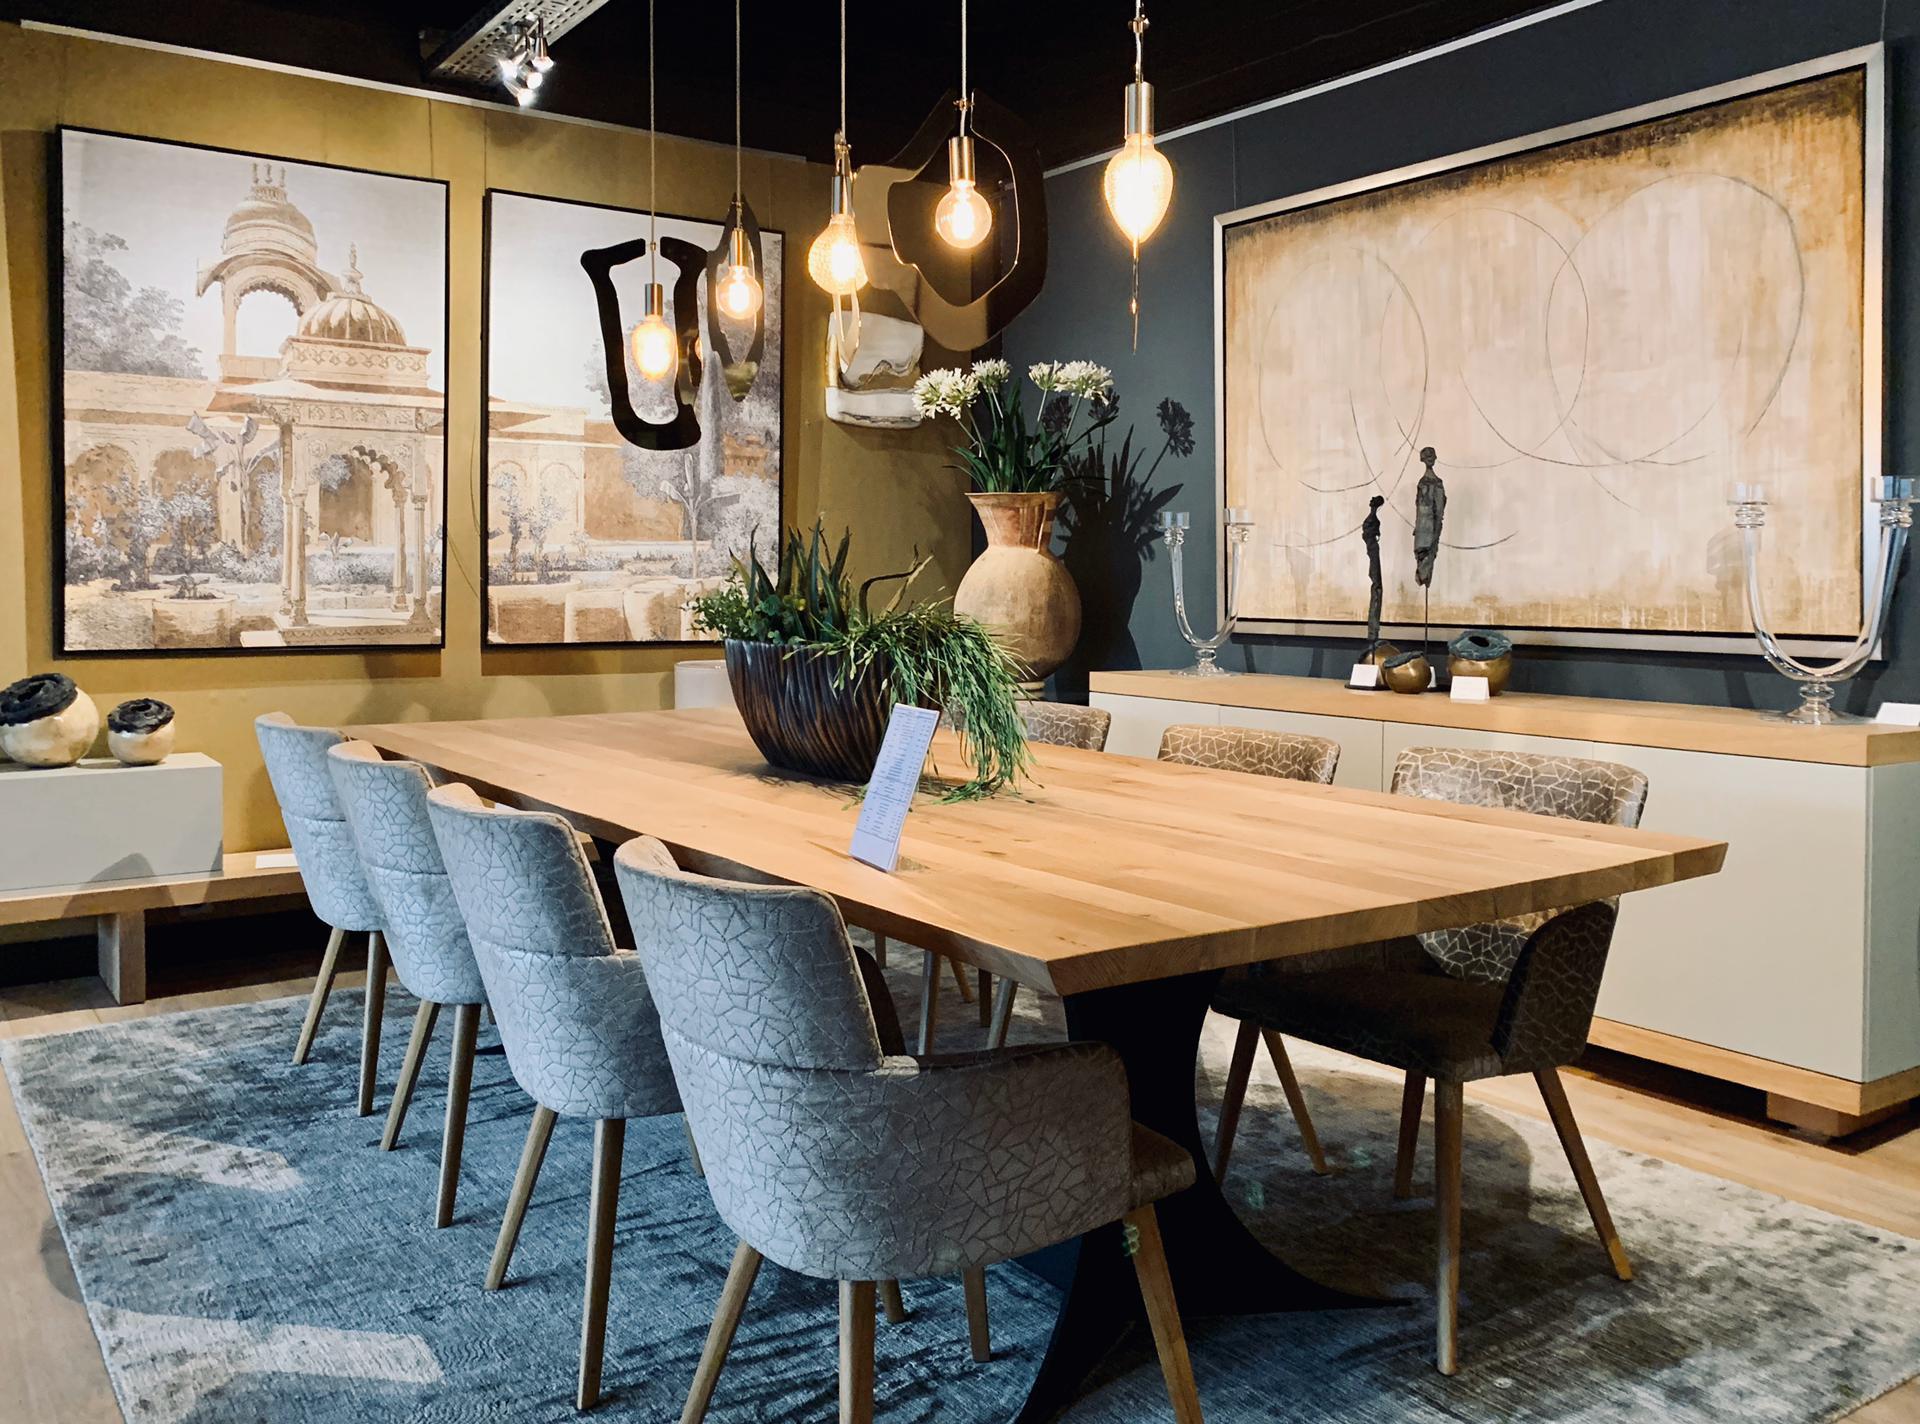 salle à manger luxe, belgique, jn interiors, jour et nuit interiors verviers liege